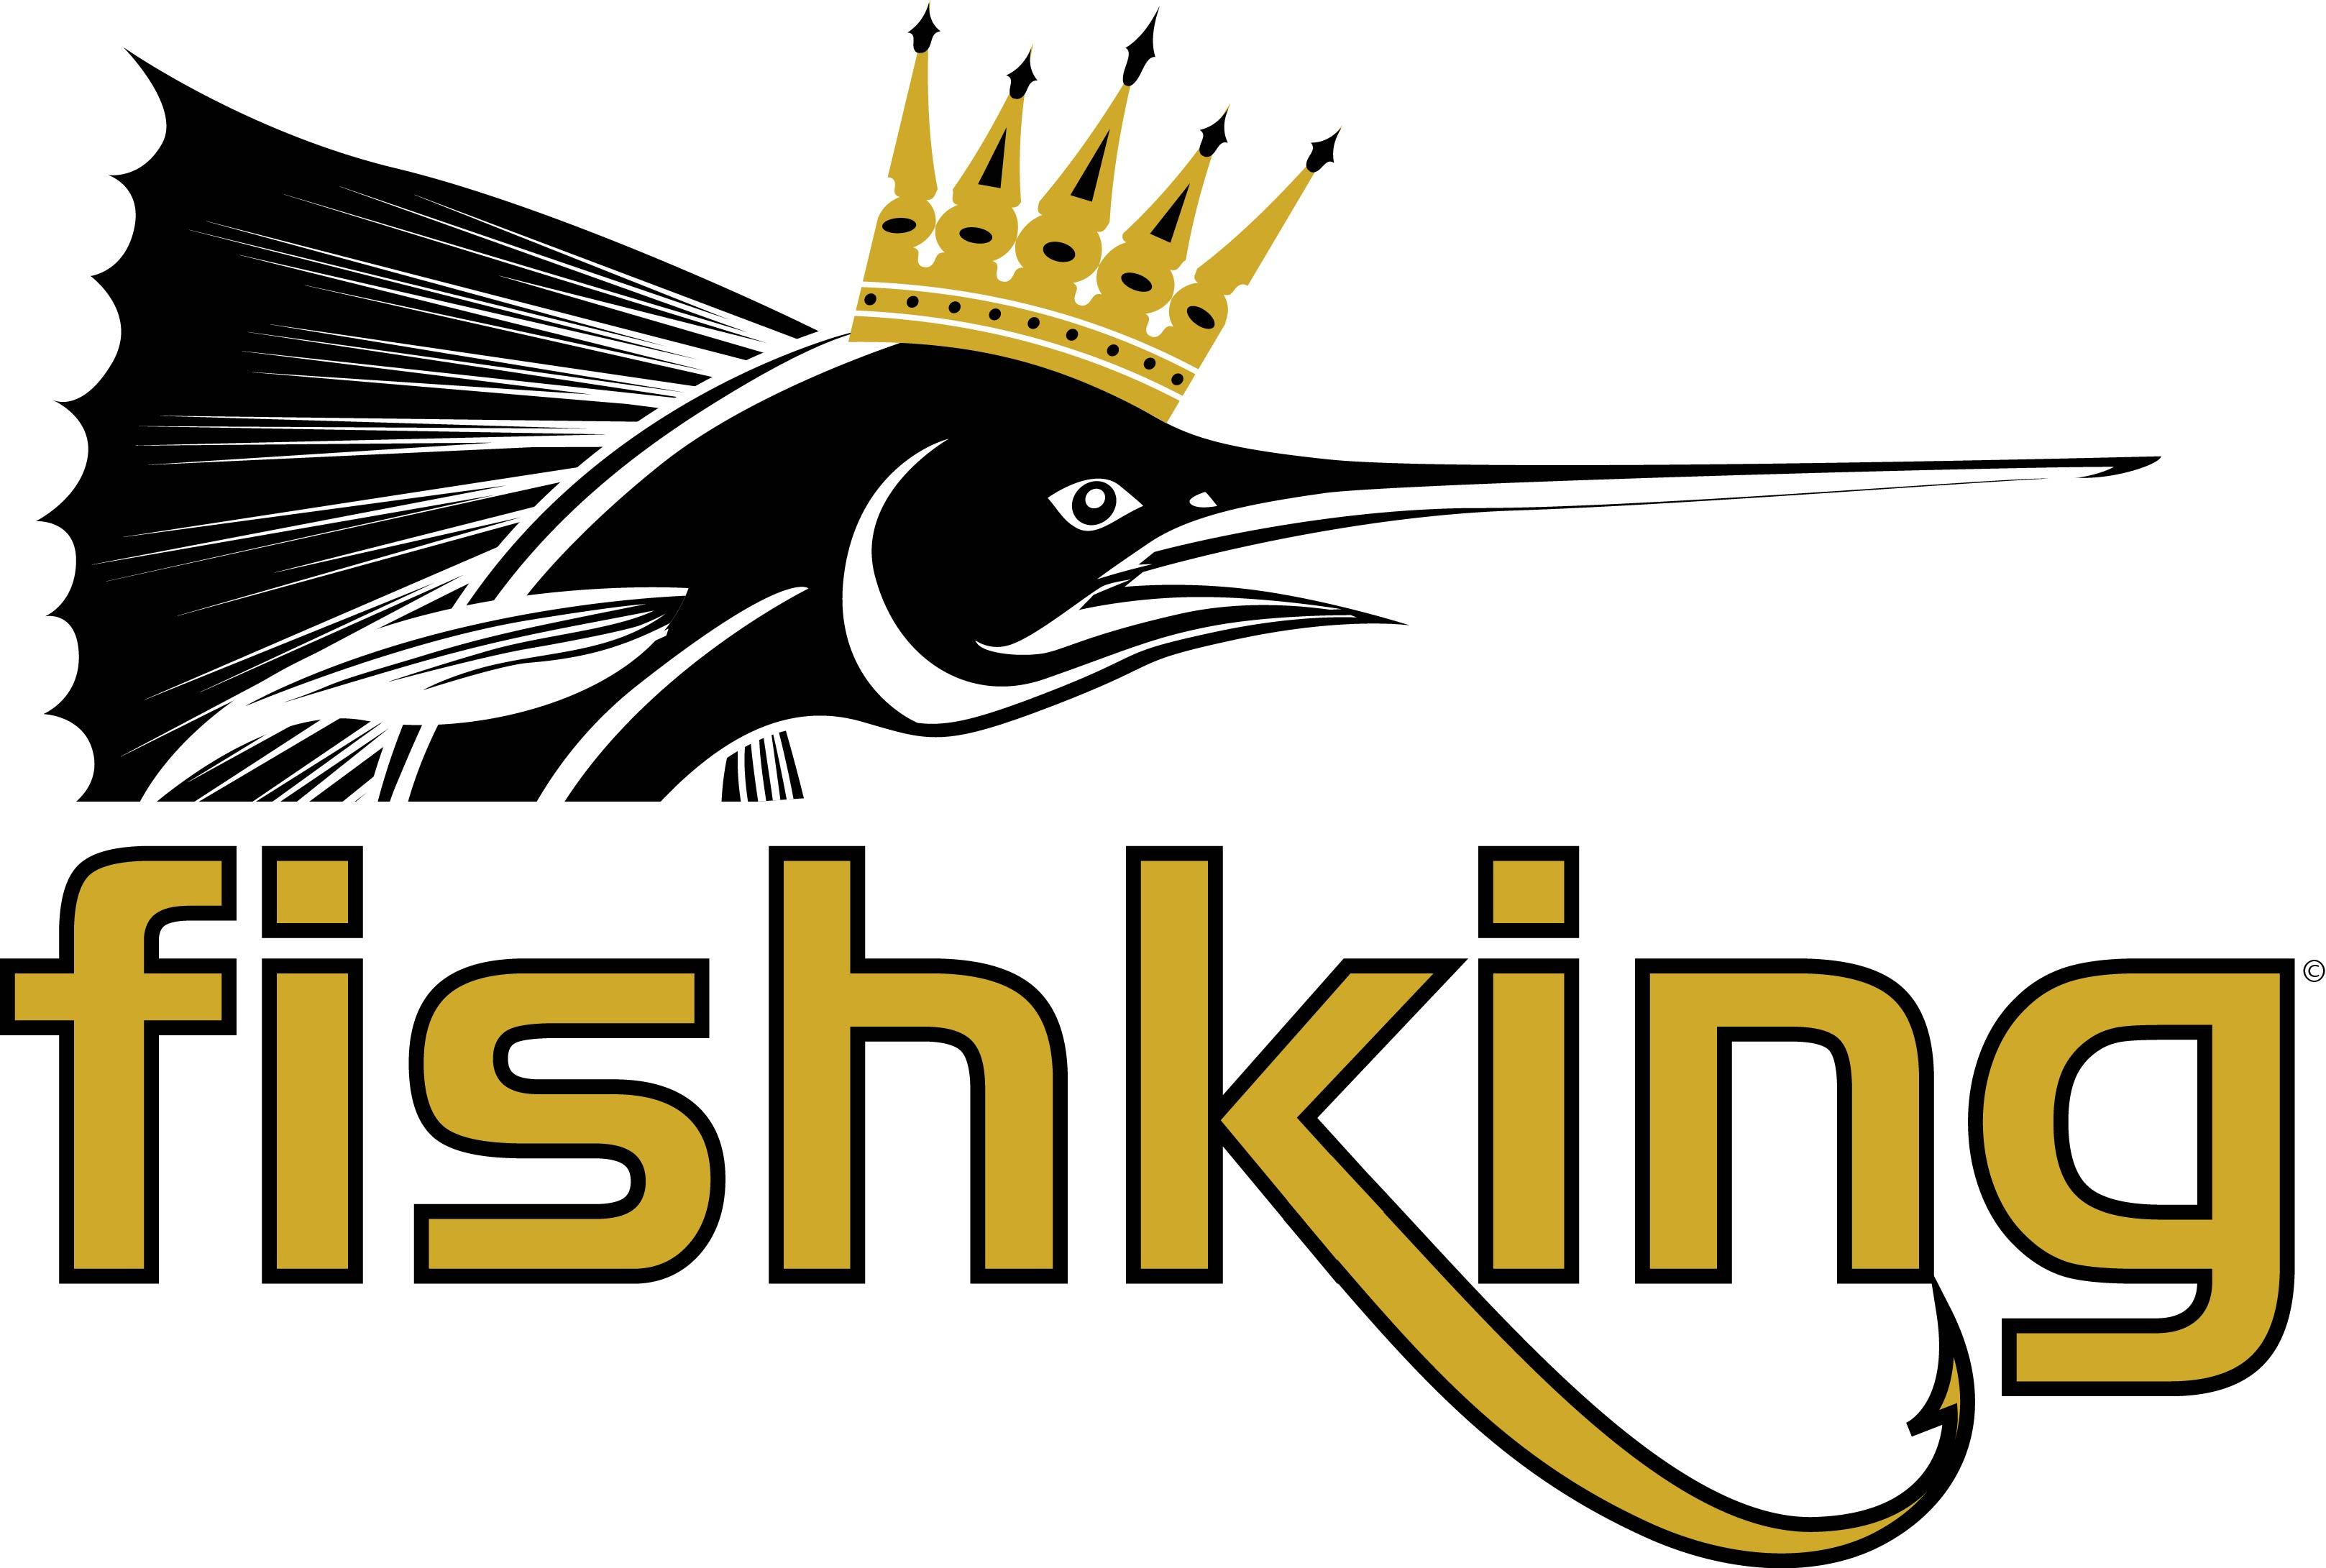 saltwater fishing logos